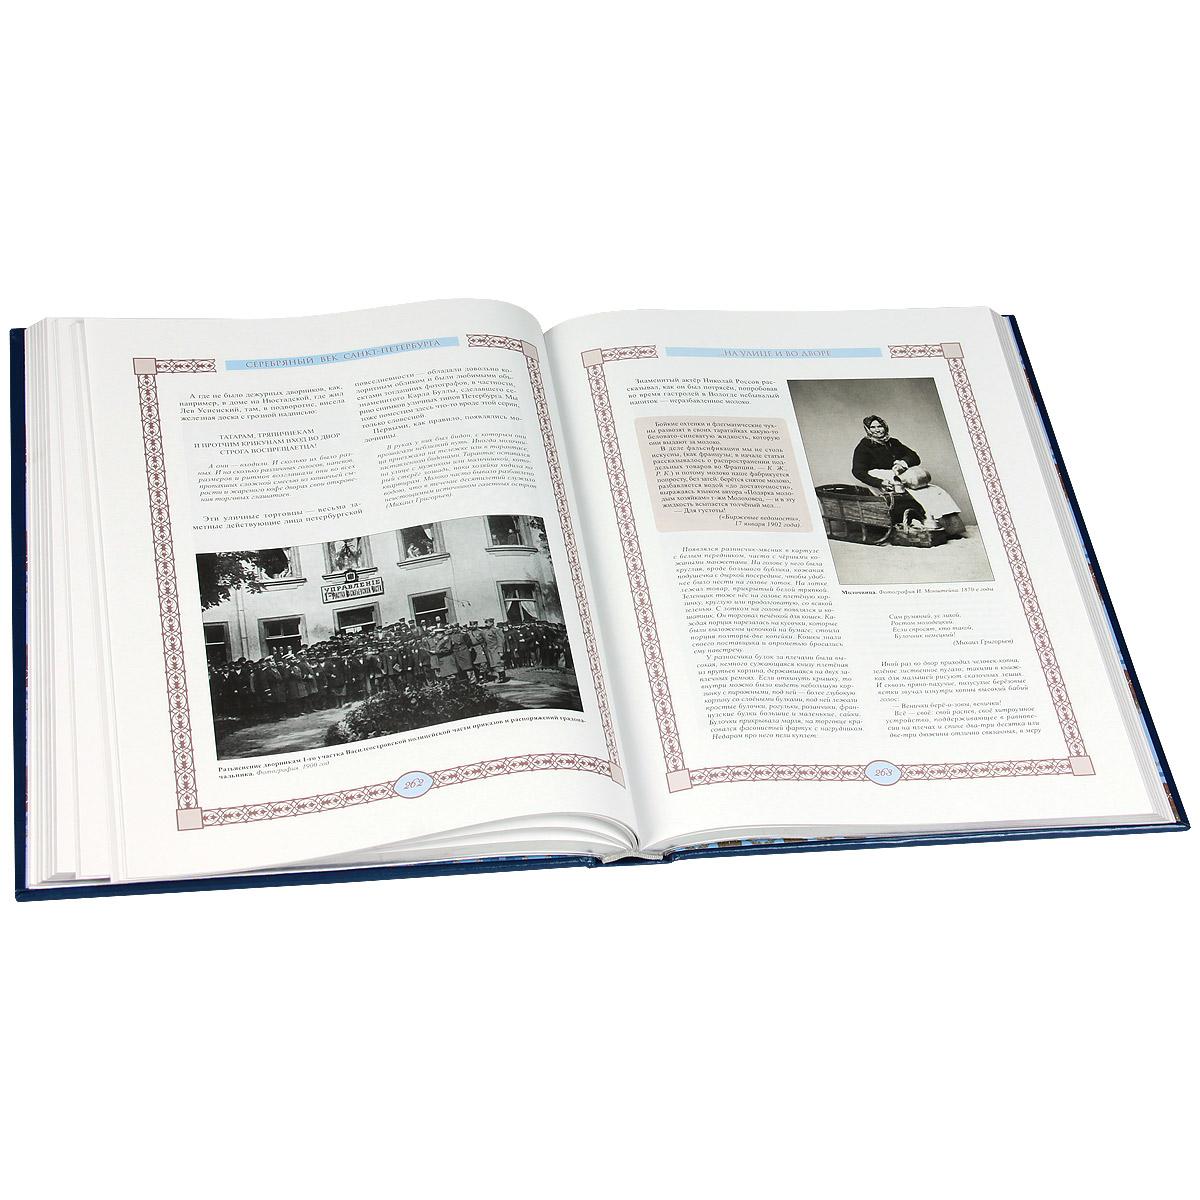 Серебряный век Санкт-Петербурга (подарочное издание)